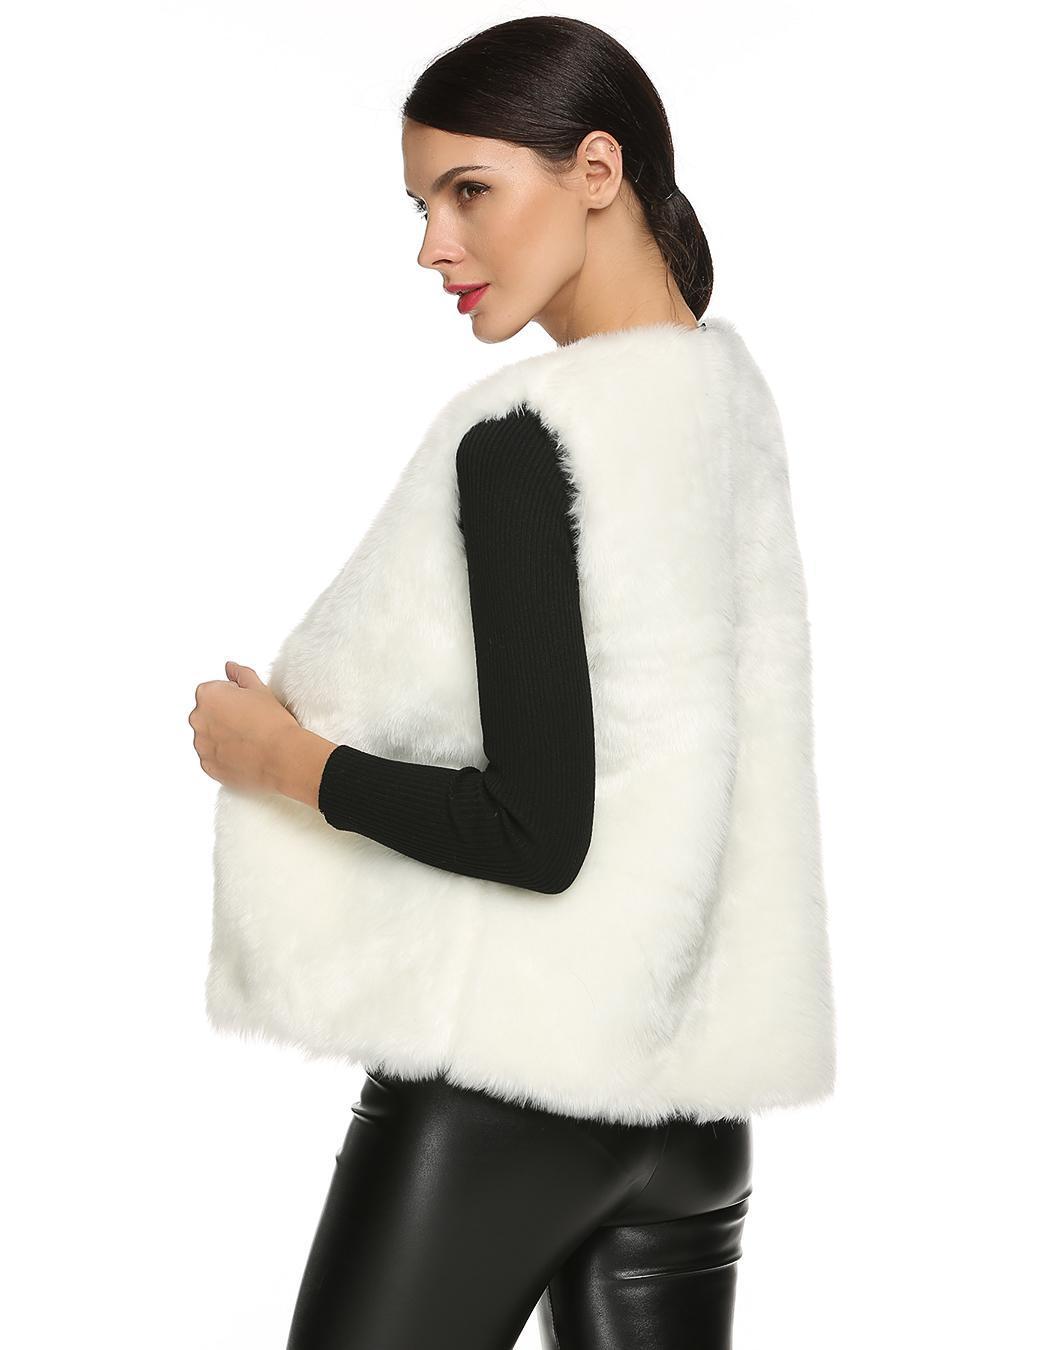 Women Sleeveless Casual Faux Fur Vest Warm Coat 3